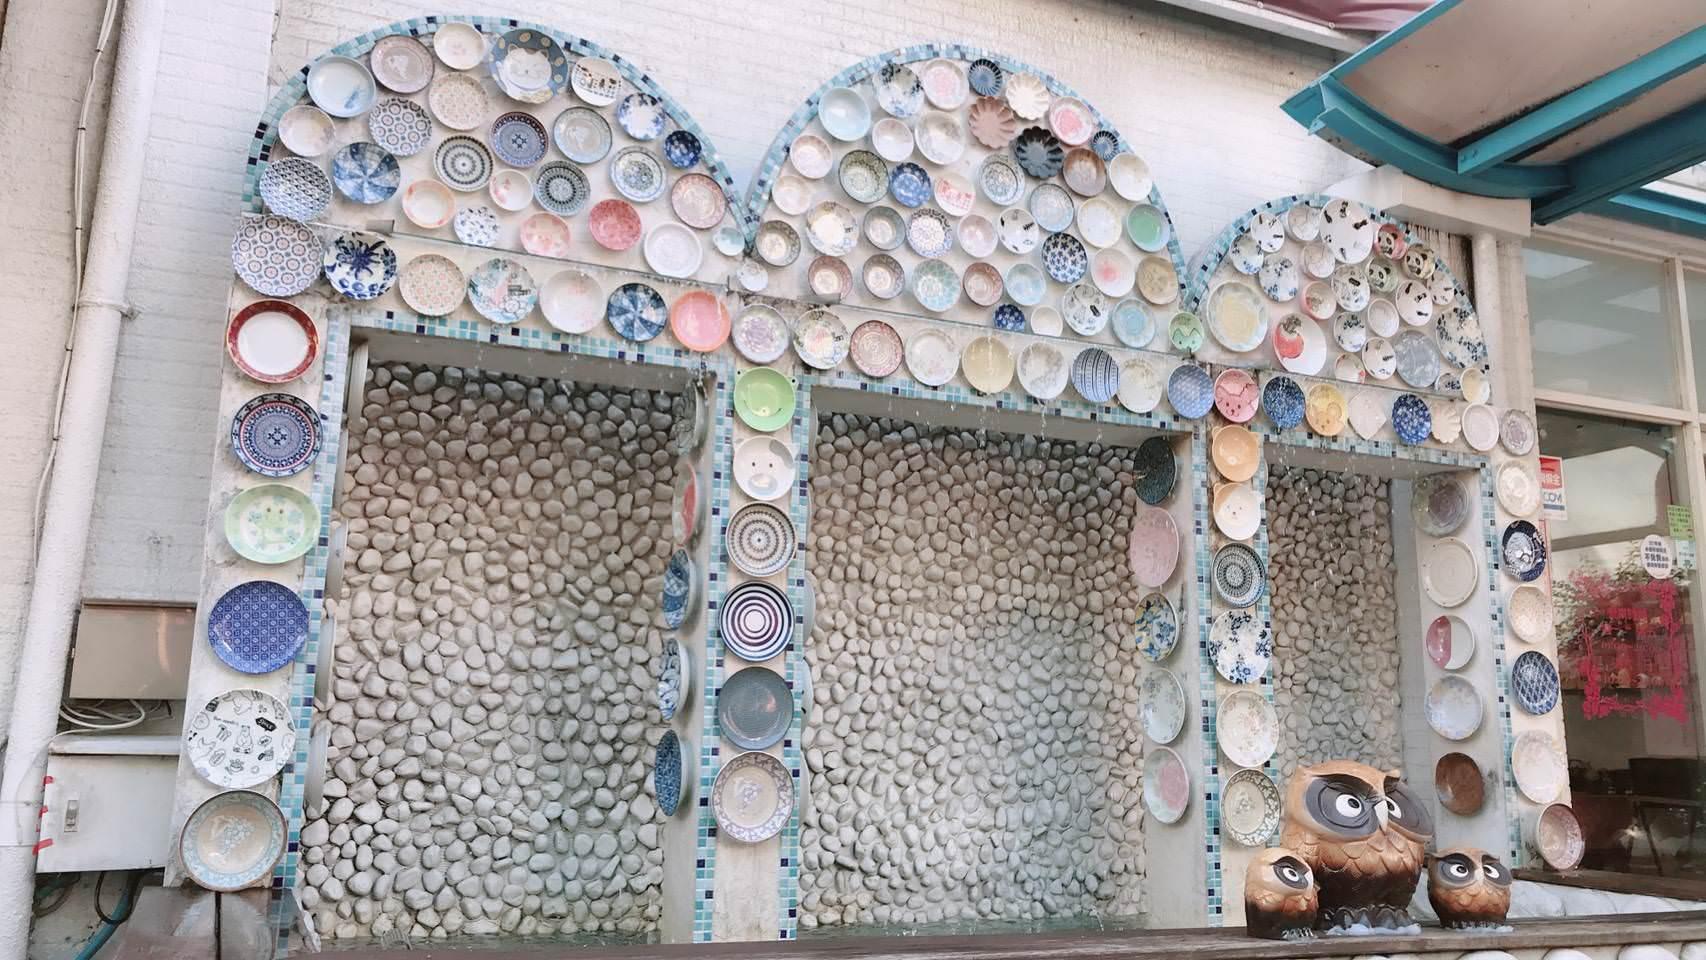 新竹瓷器推薦|竹北承易瓷器,平價日本製碗盤39元起!木製餐盤、餐具、造型馬克杯、骨瓷杯送禮推薦